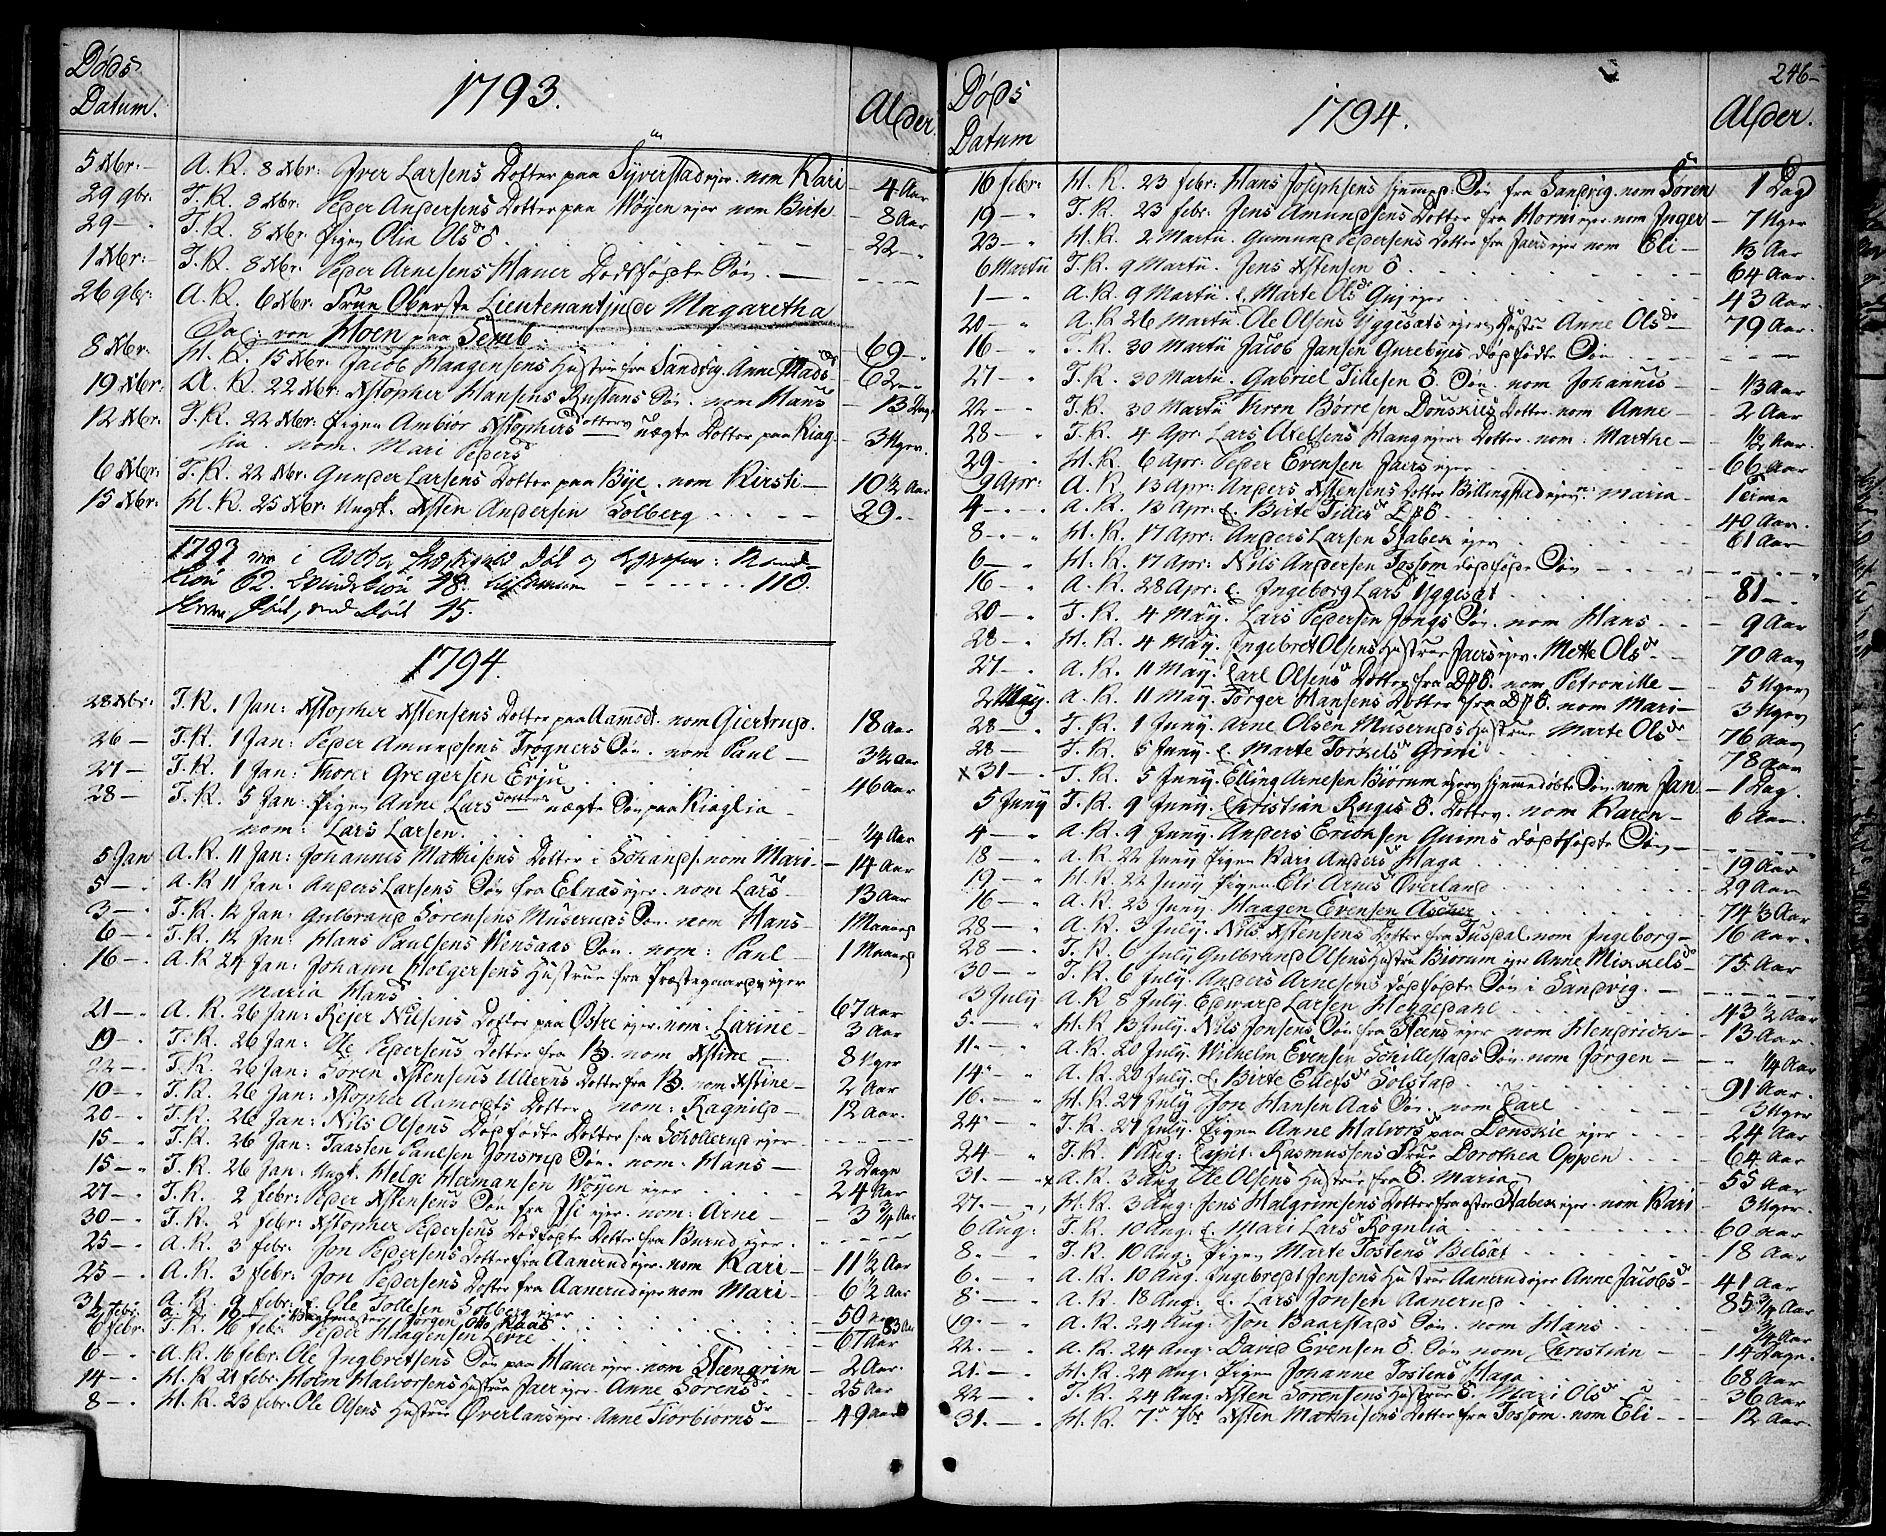 SAO, Asker prestekontor Kirkebøker, F/Fa/L0003: Ministerialbok nr. I 3, 1767-1807, s. 246